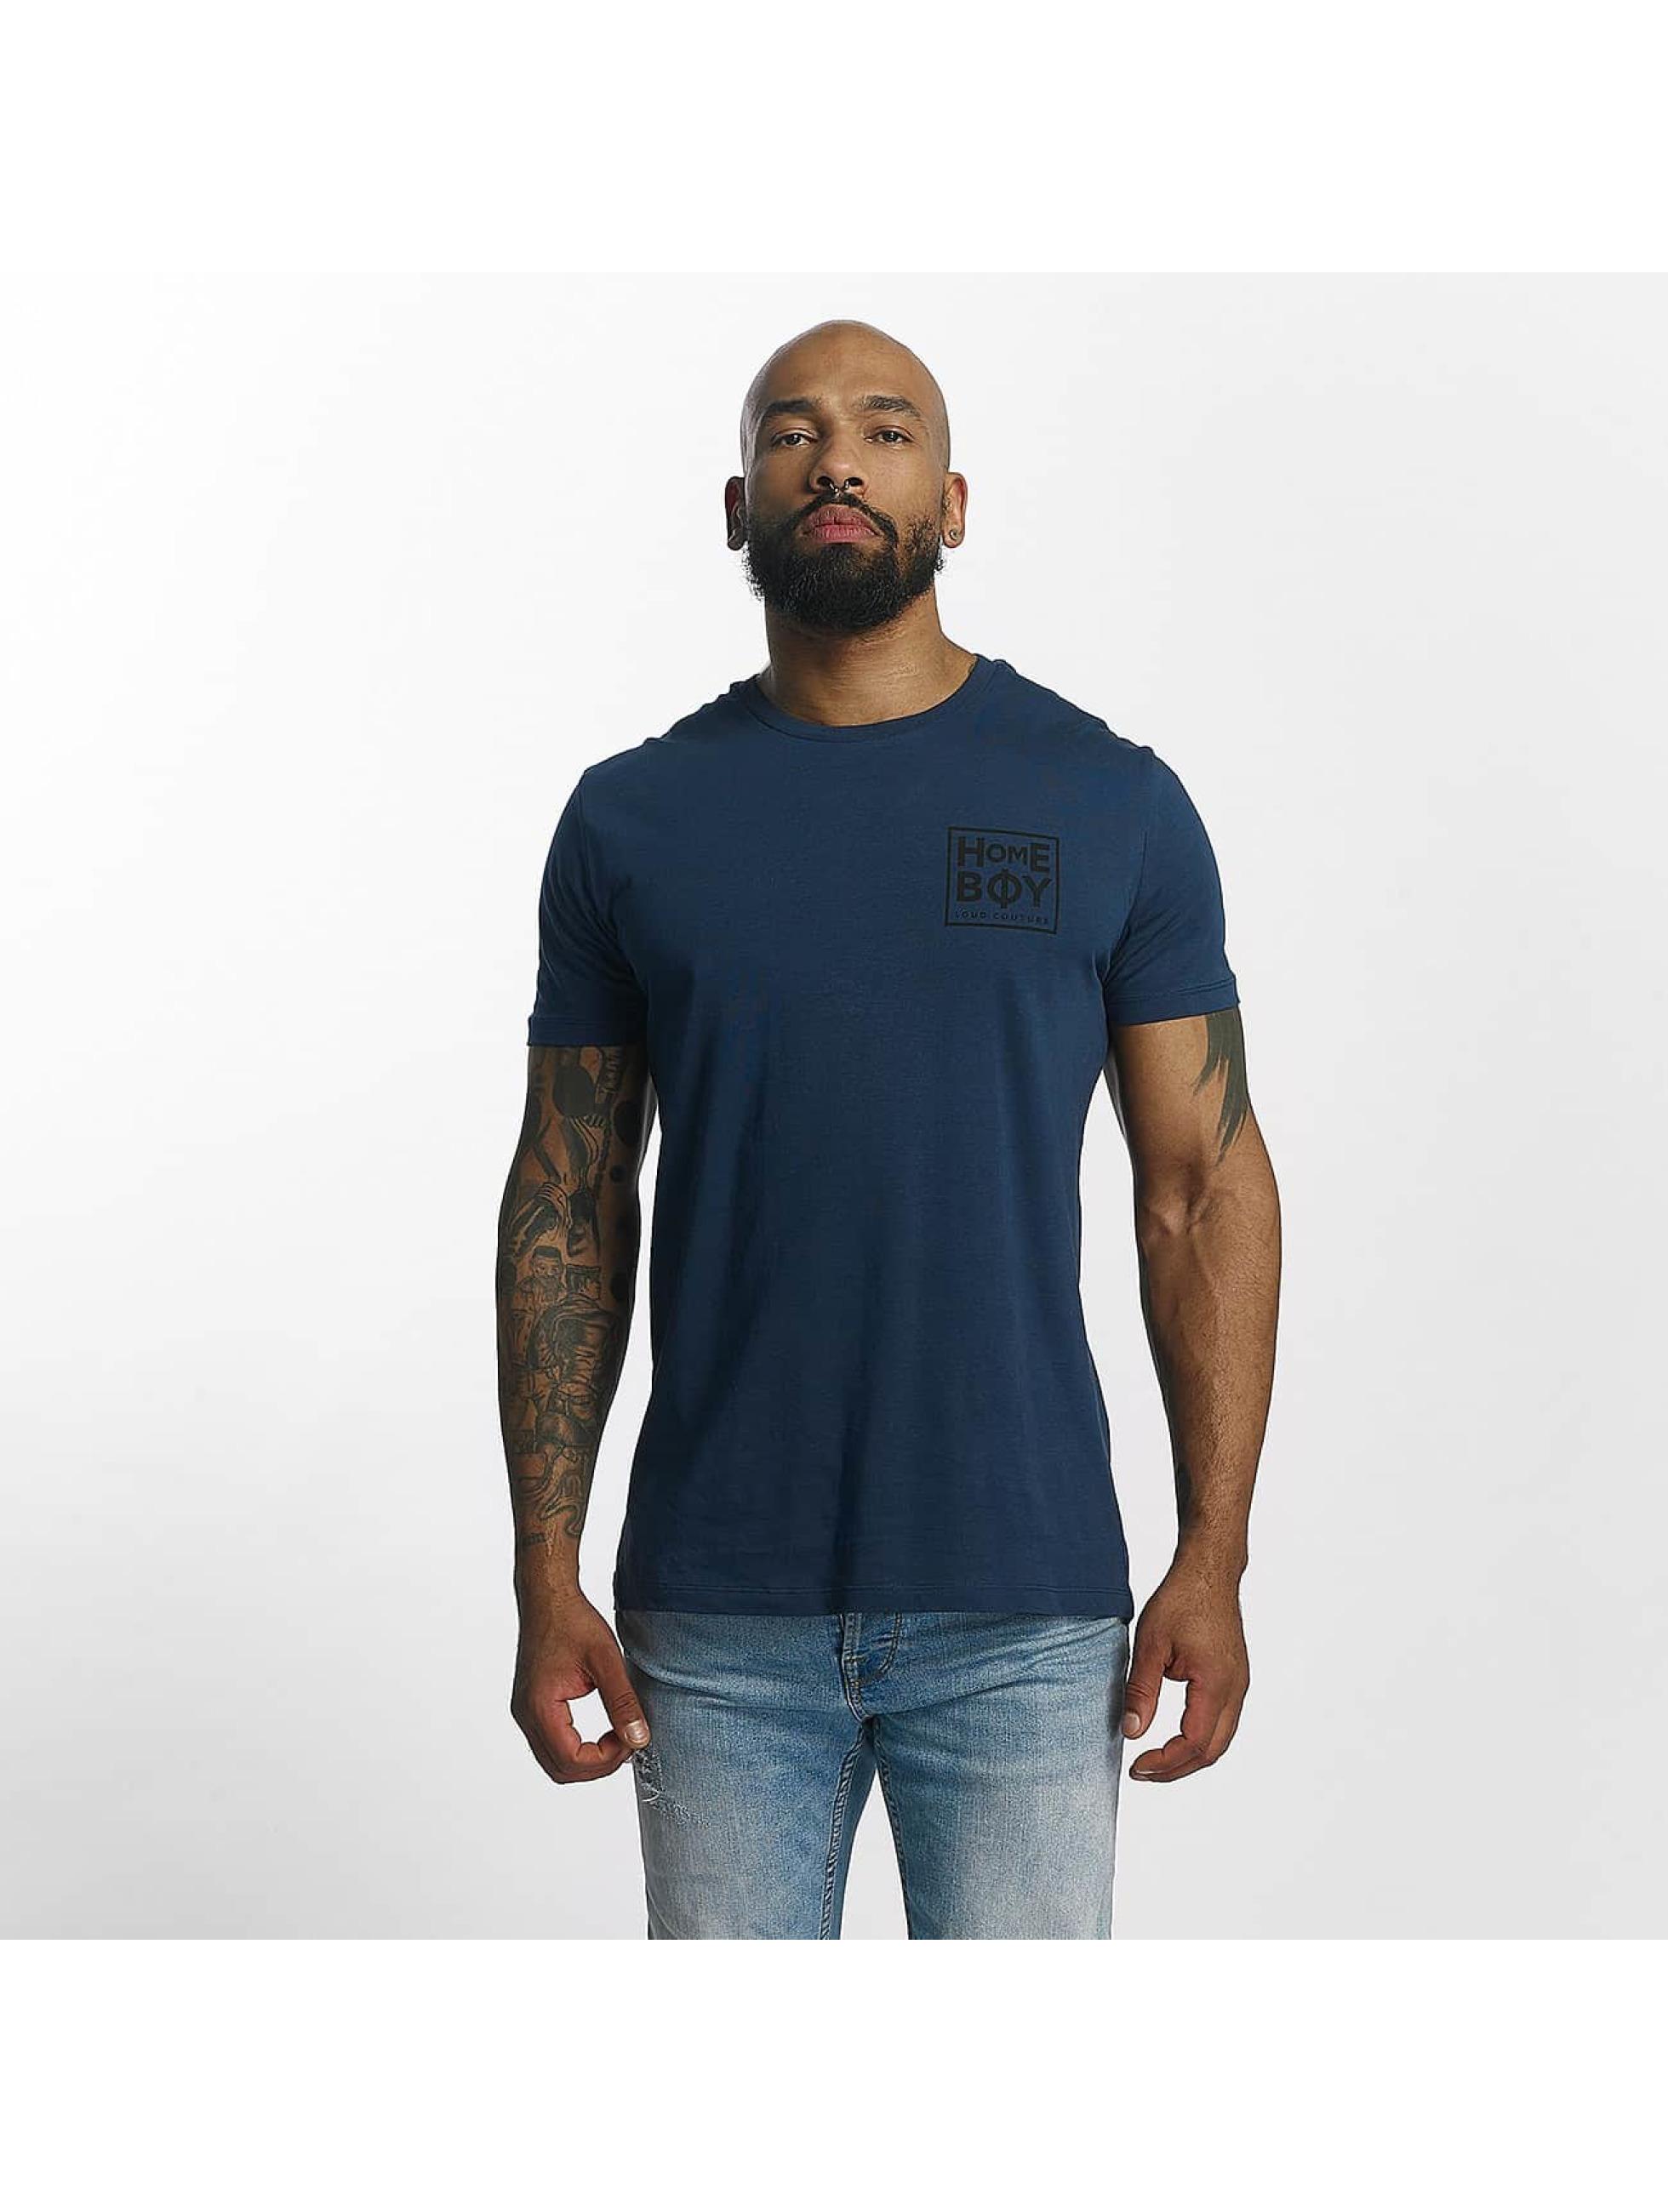 Homeboy T-Shirt Take You Home blau